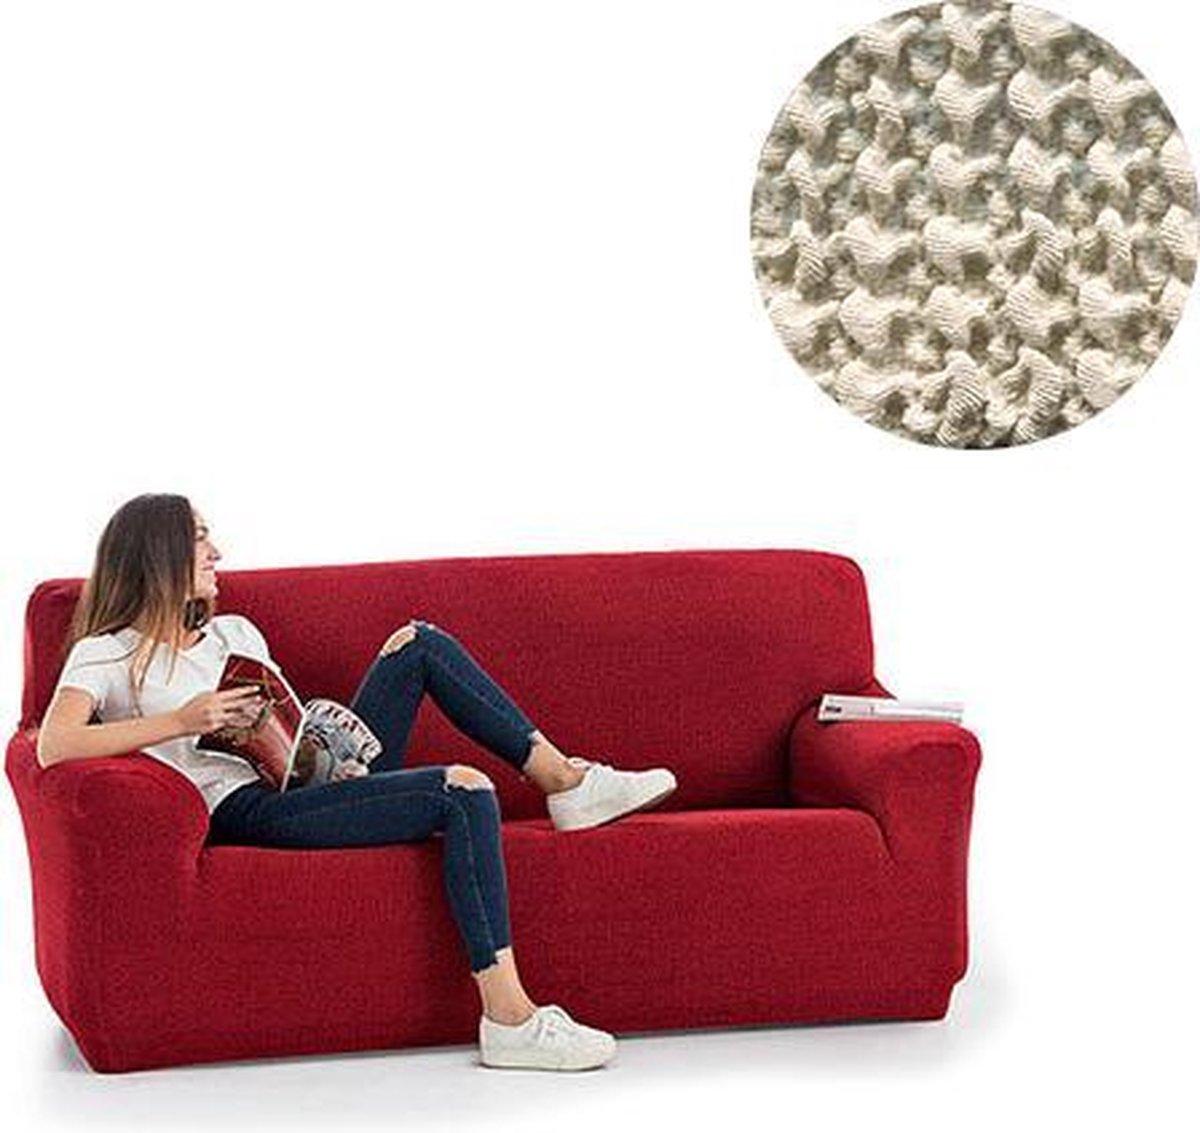 Milos meubelhoezen - Bankhoes 130-180cm - Ivoor - Verkrijgbaar in verschillende kleuren!